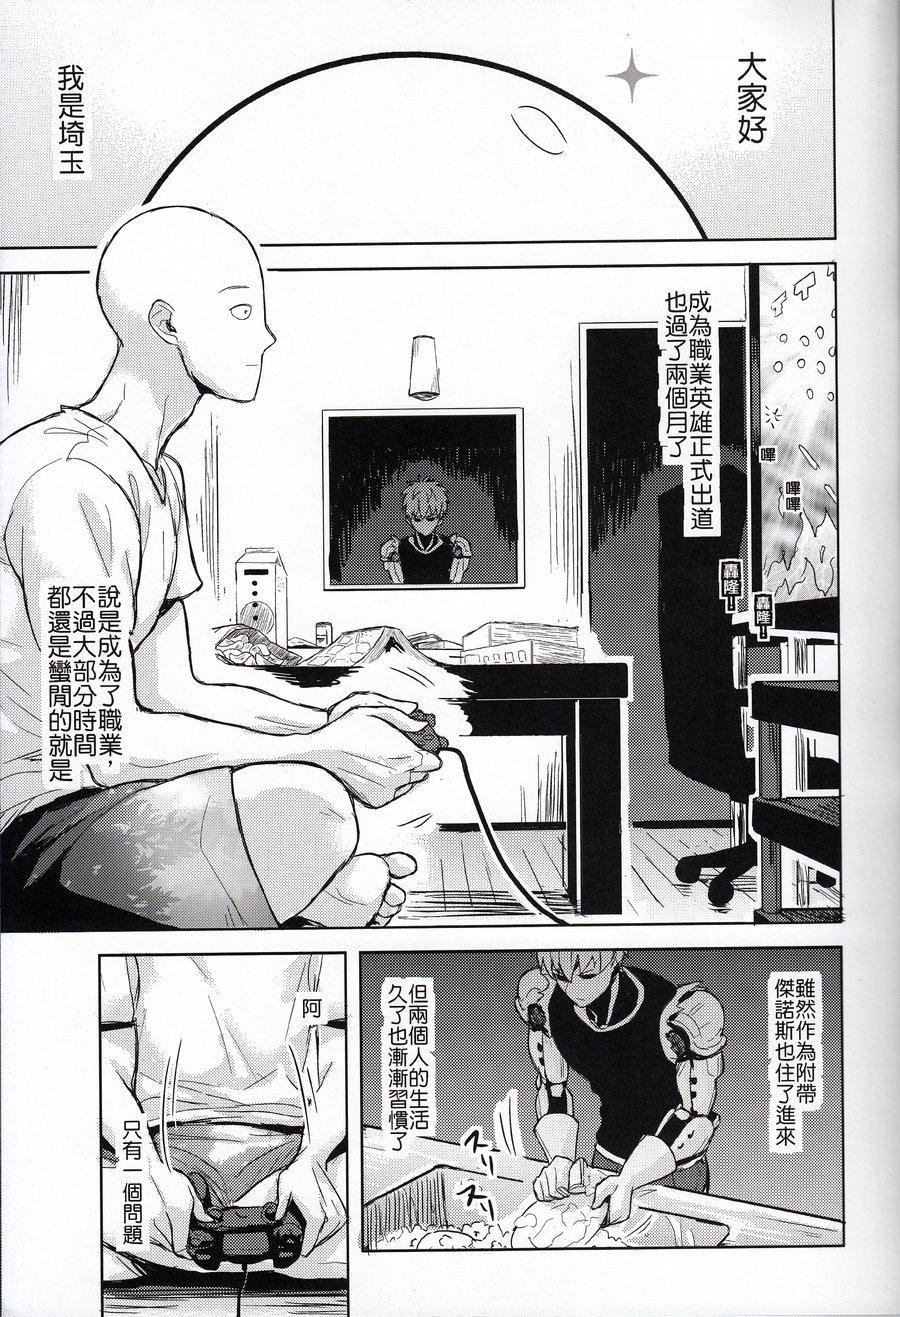 Sensei no Kokan no Kiki wa Ore ga Haijo Shimasu 2